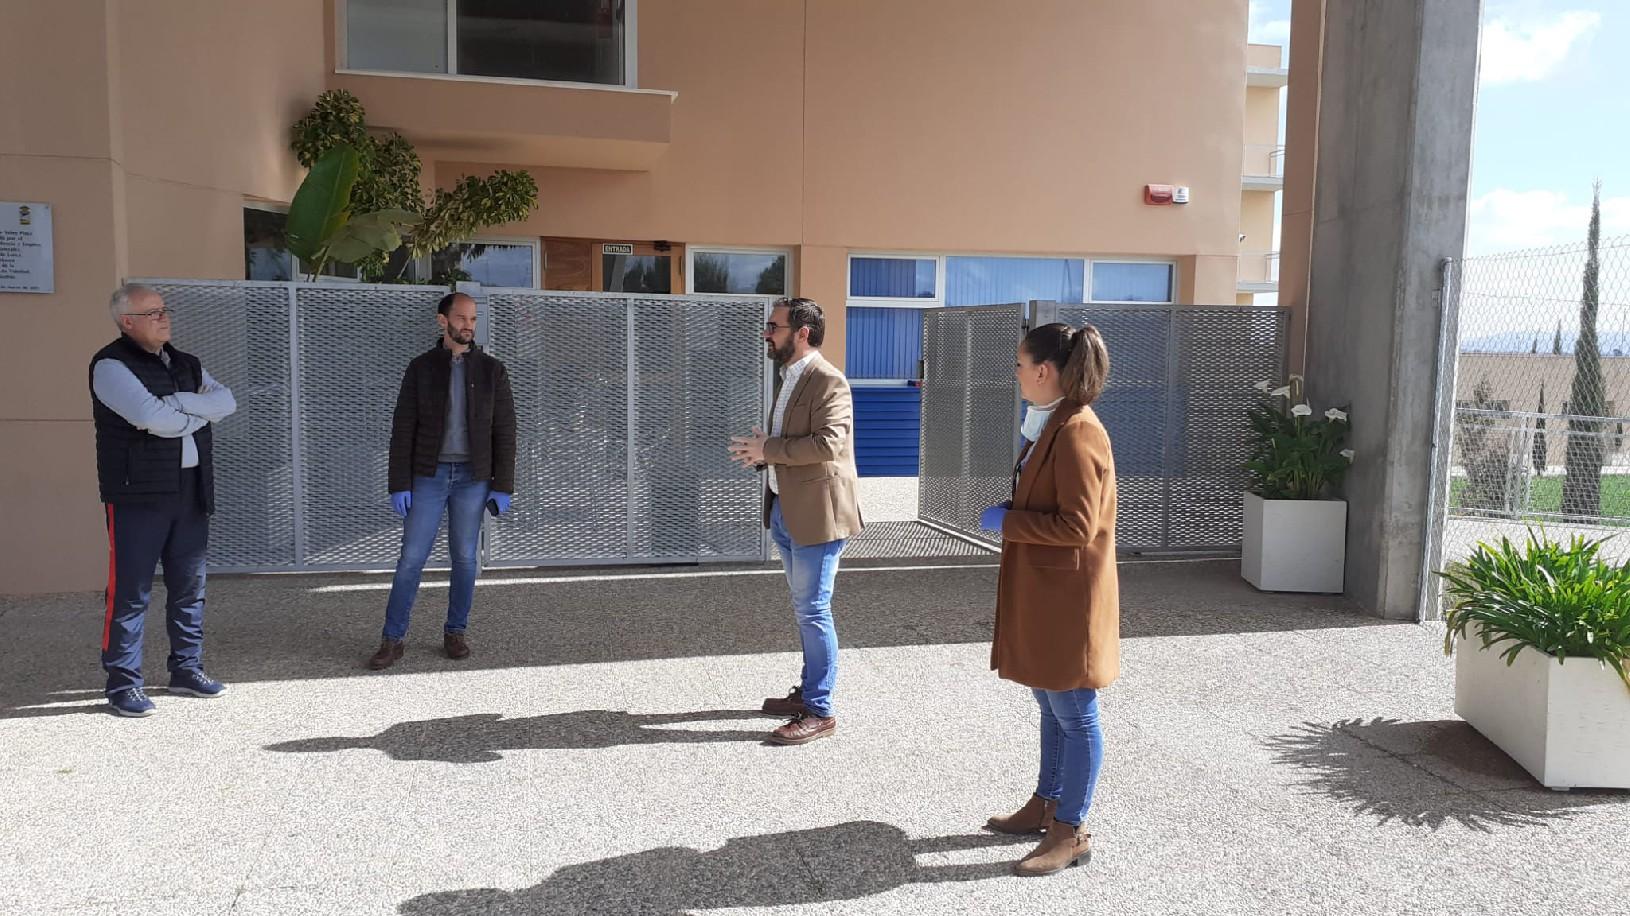 El alcalde supervisa las instalaciones deportivas municipales puestas a disposición del Servicio Murciano de Salud